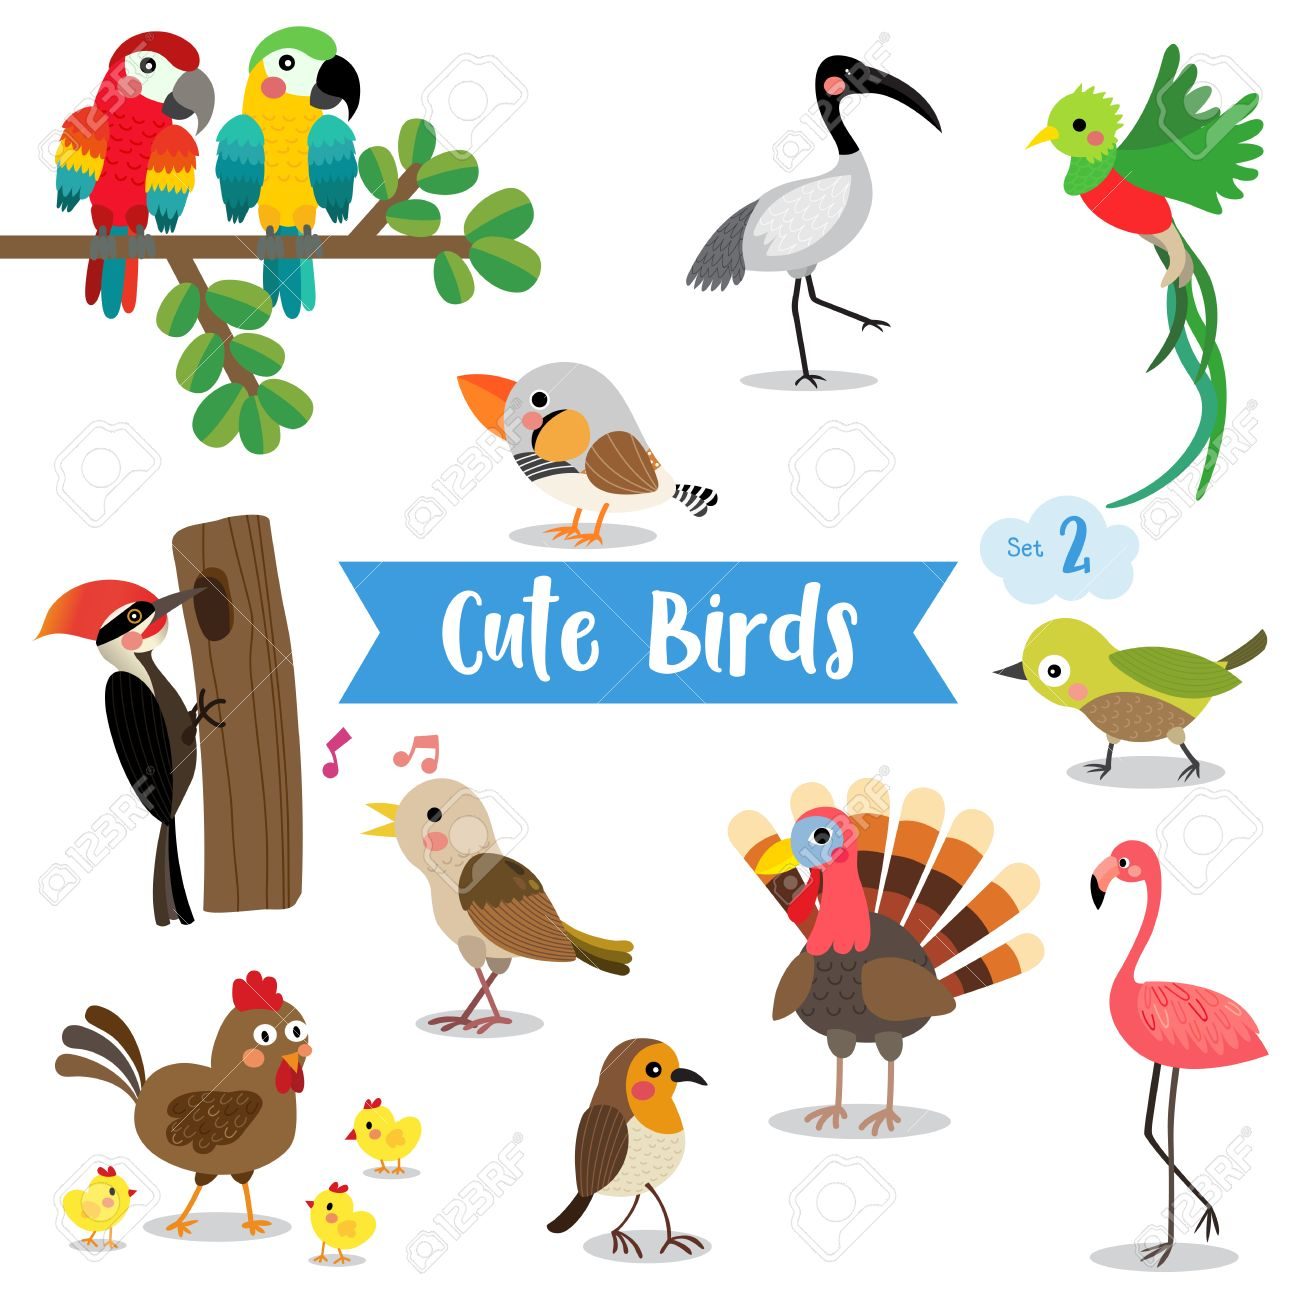 白い背景の上のかわいい鳥の動物漫画。鶏。ひよこ。フラミンゴ。オウム。トルコ。ナイチンゲール。キツツキです。キンカチョウ。ウグイス。ケツァール。イビス。ロビン。